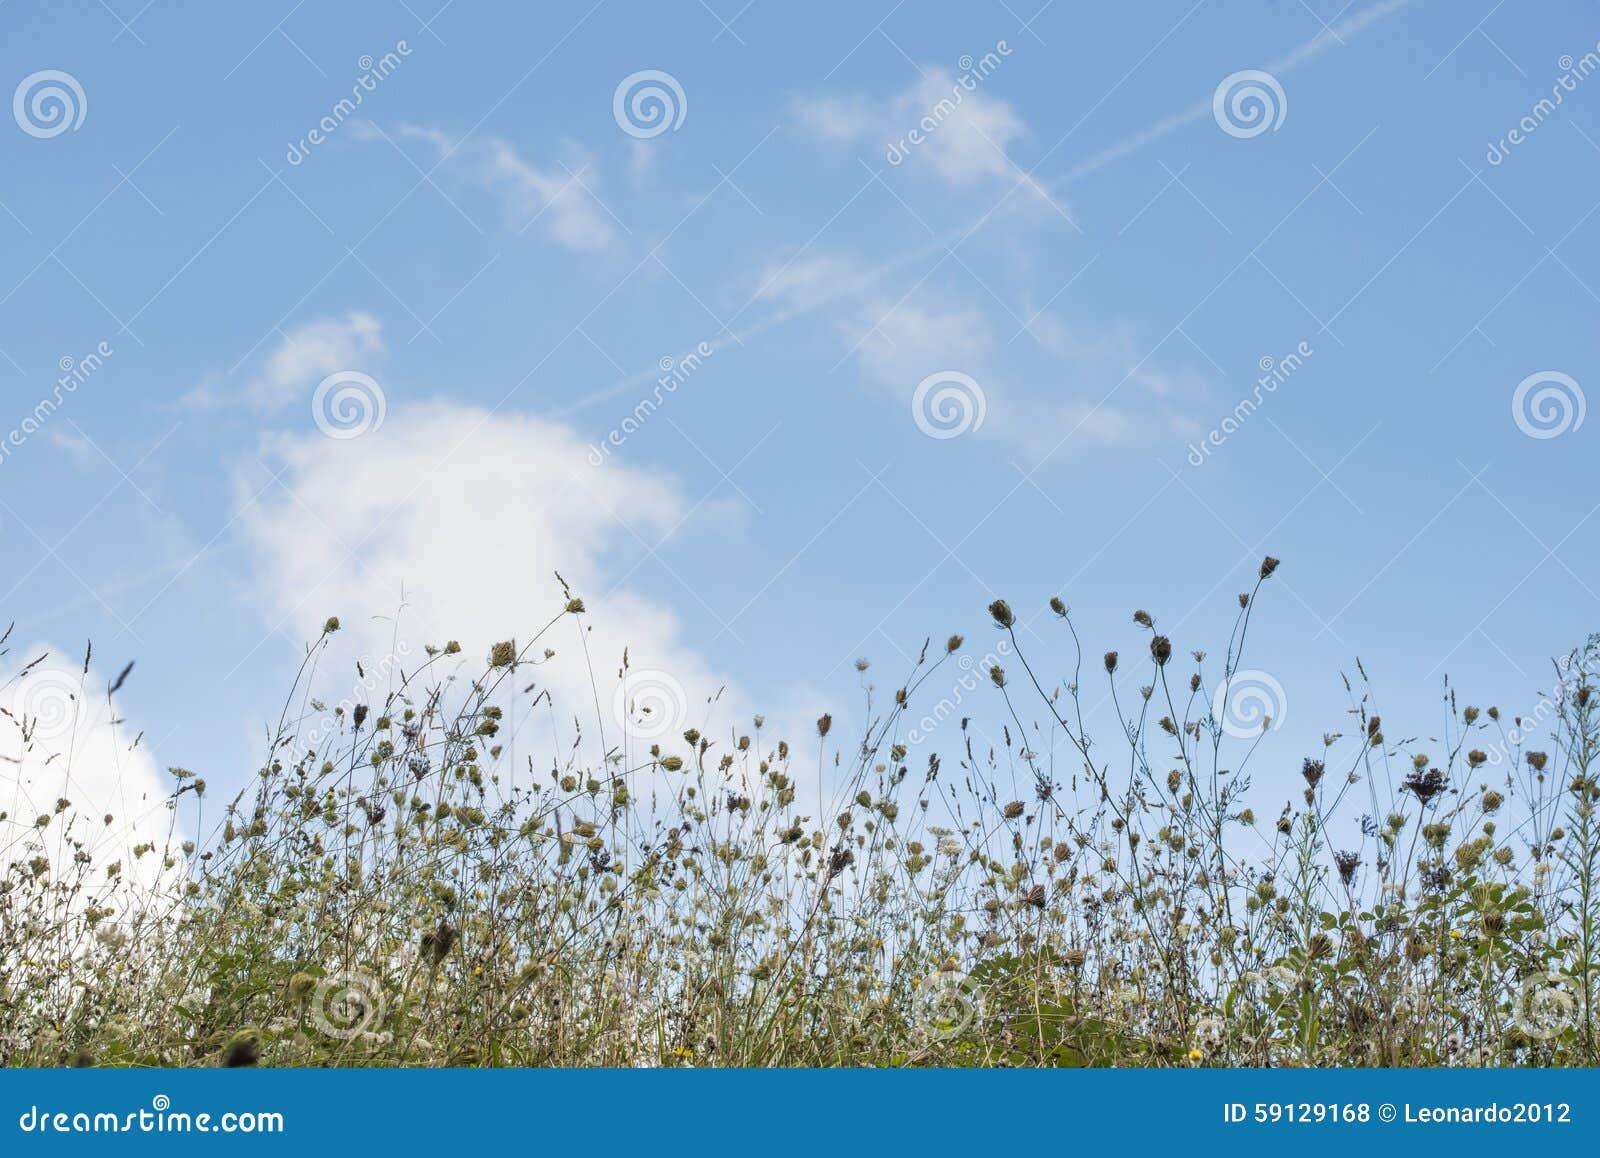 Υπόβαθρο του μικτού τομέα λουλουδιών με τον ουρανό και τα σύννεφα